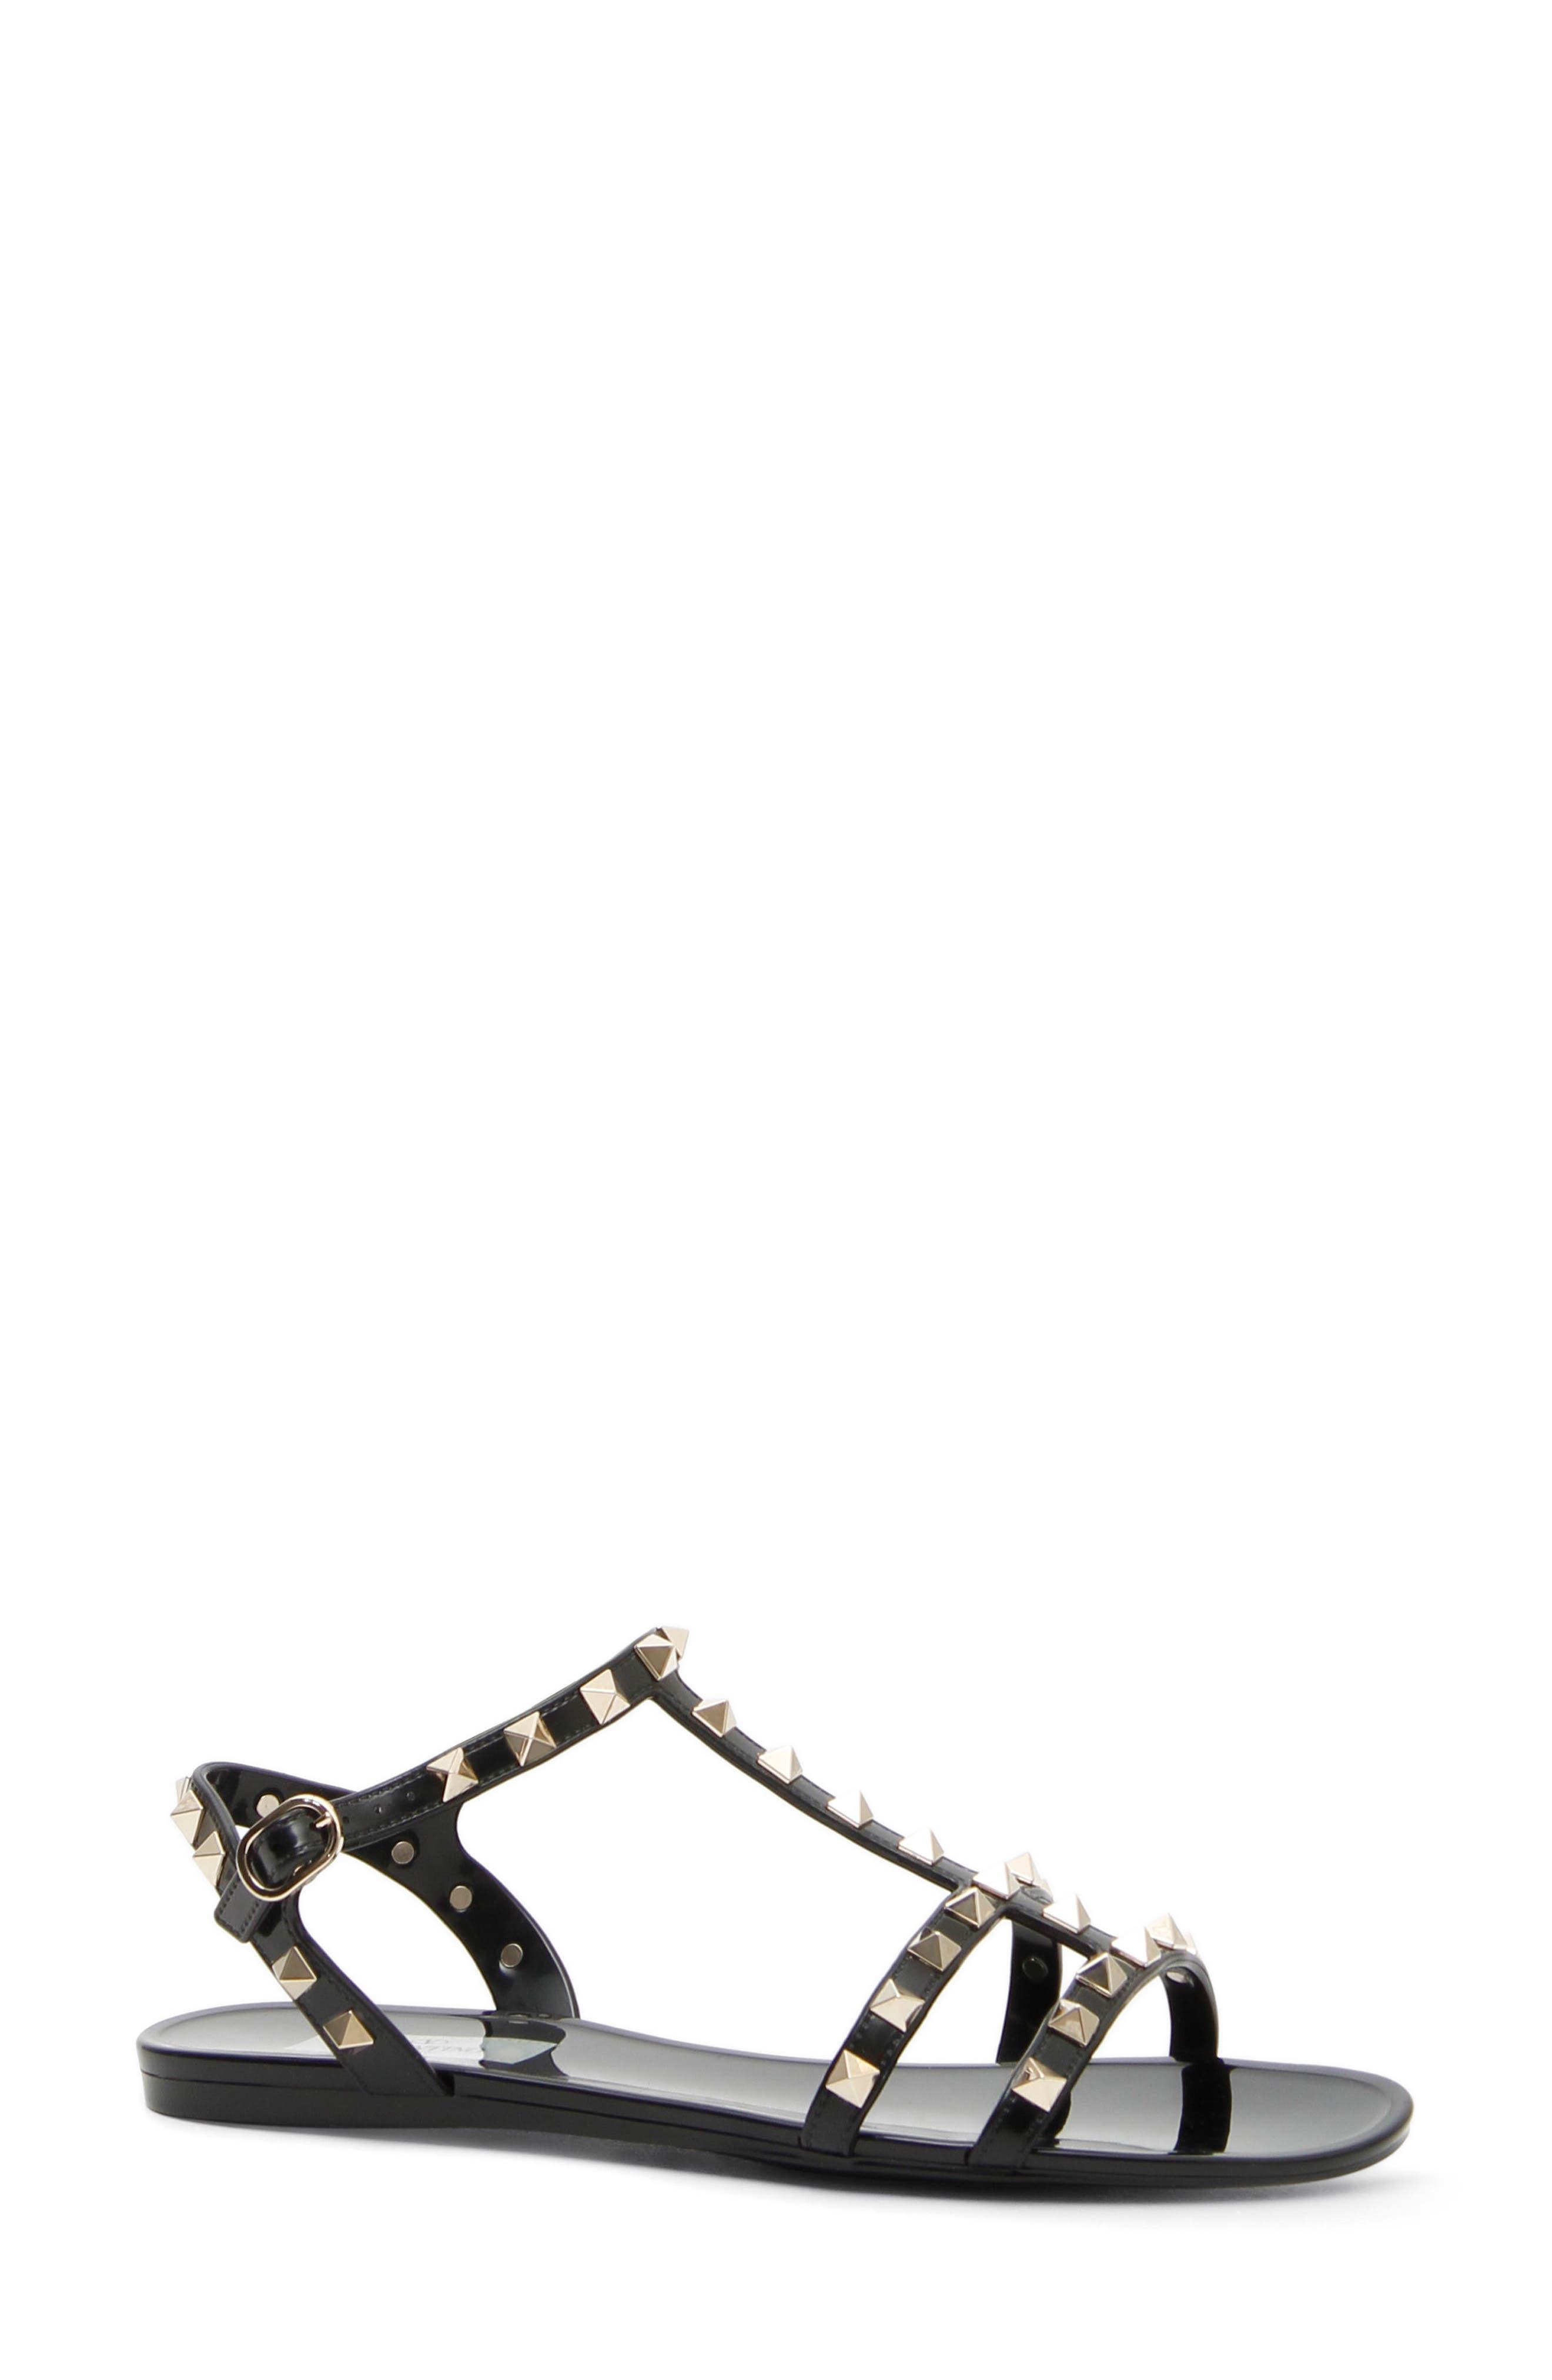 Sandales Pour Les Femmes En Vente, Noir, Caoutchouc, 2017, 3,5 5,5 7,5 Valentino